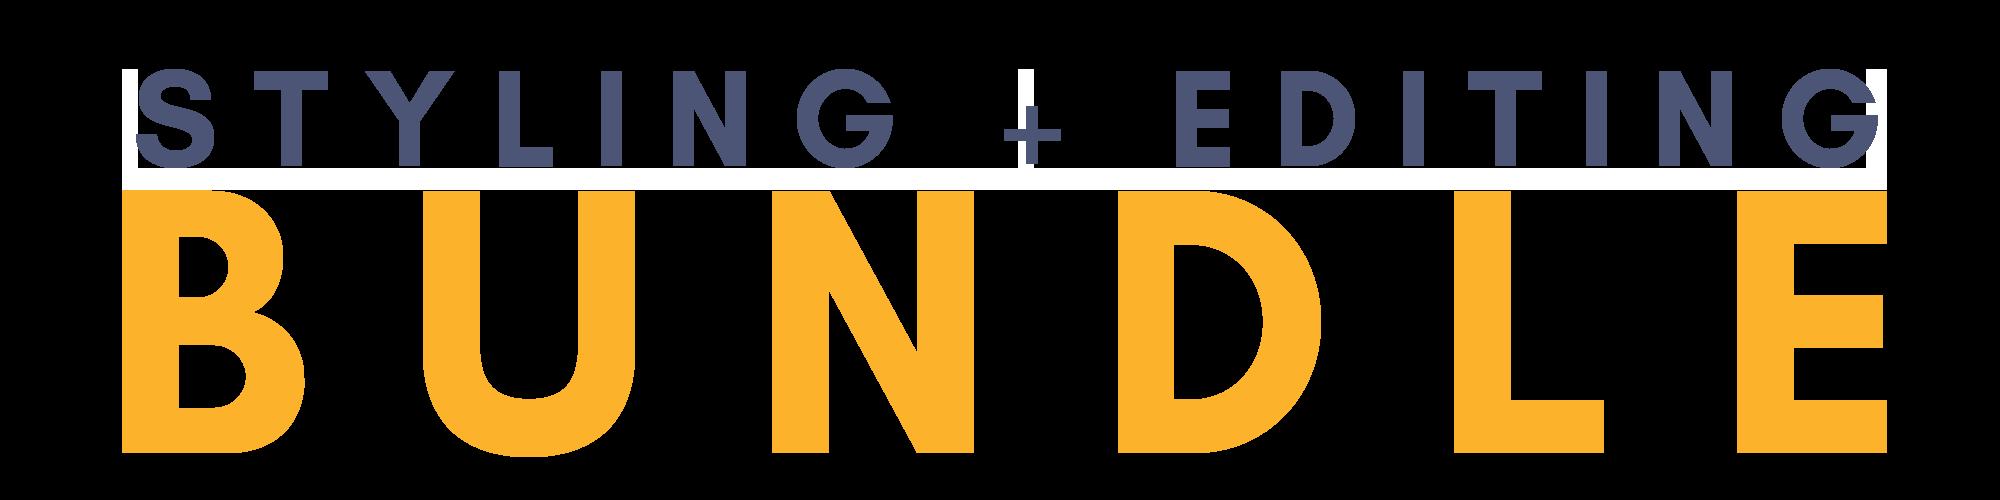 CE-logo-2-pink.png